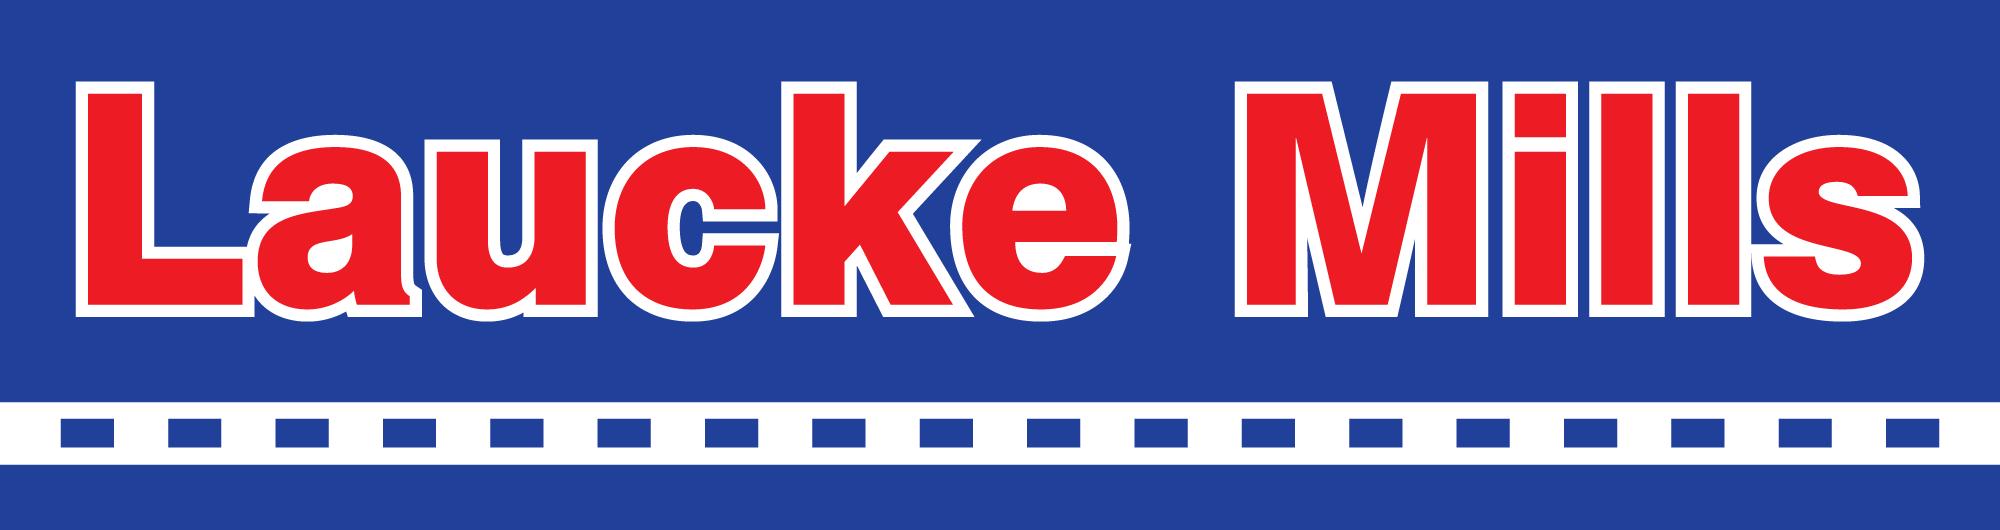 lauckemills-logo